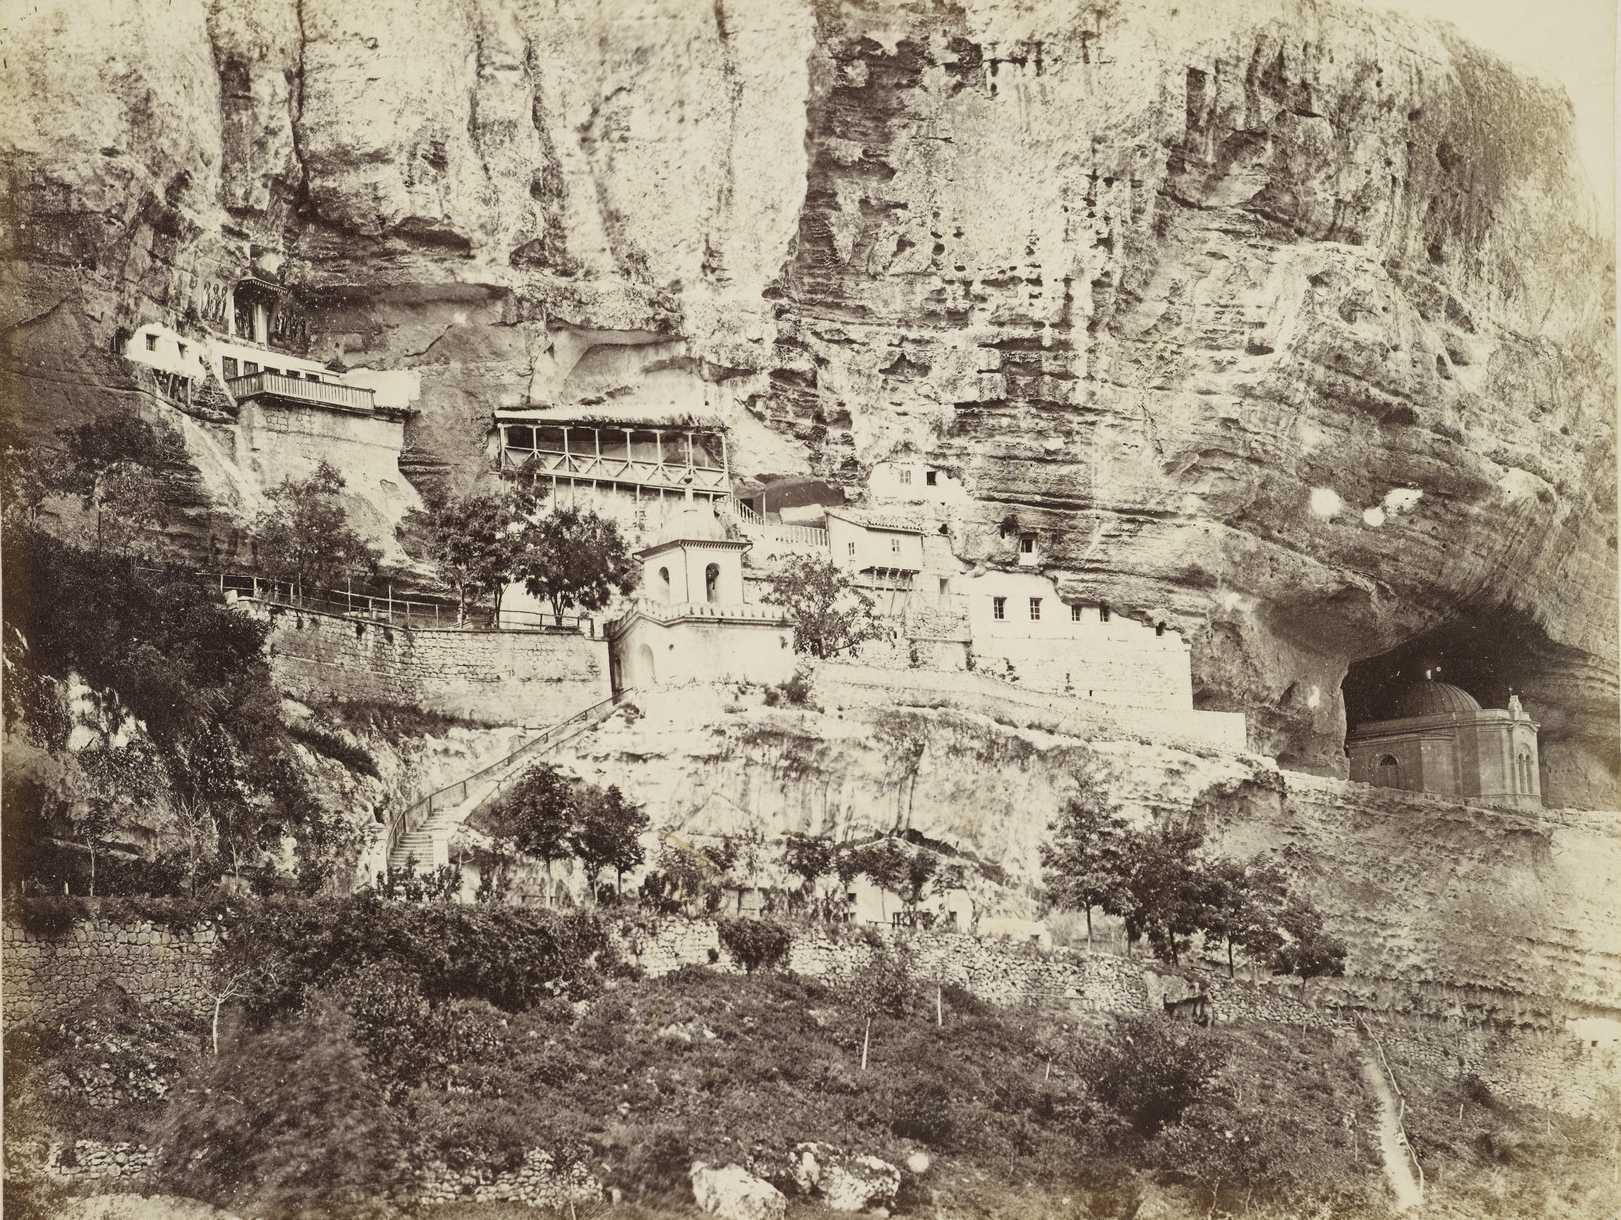 Загальний вигляд Успенського скита біля Бахчисарая. Фото з мандрівки принца Уельського [?] по Криму в 1869 р.